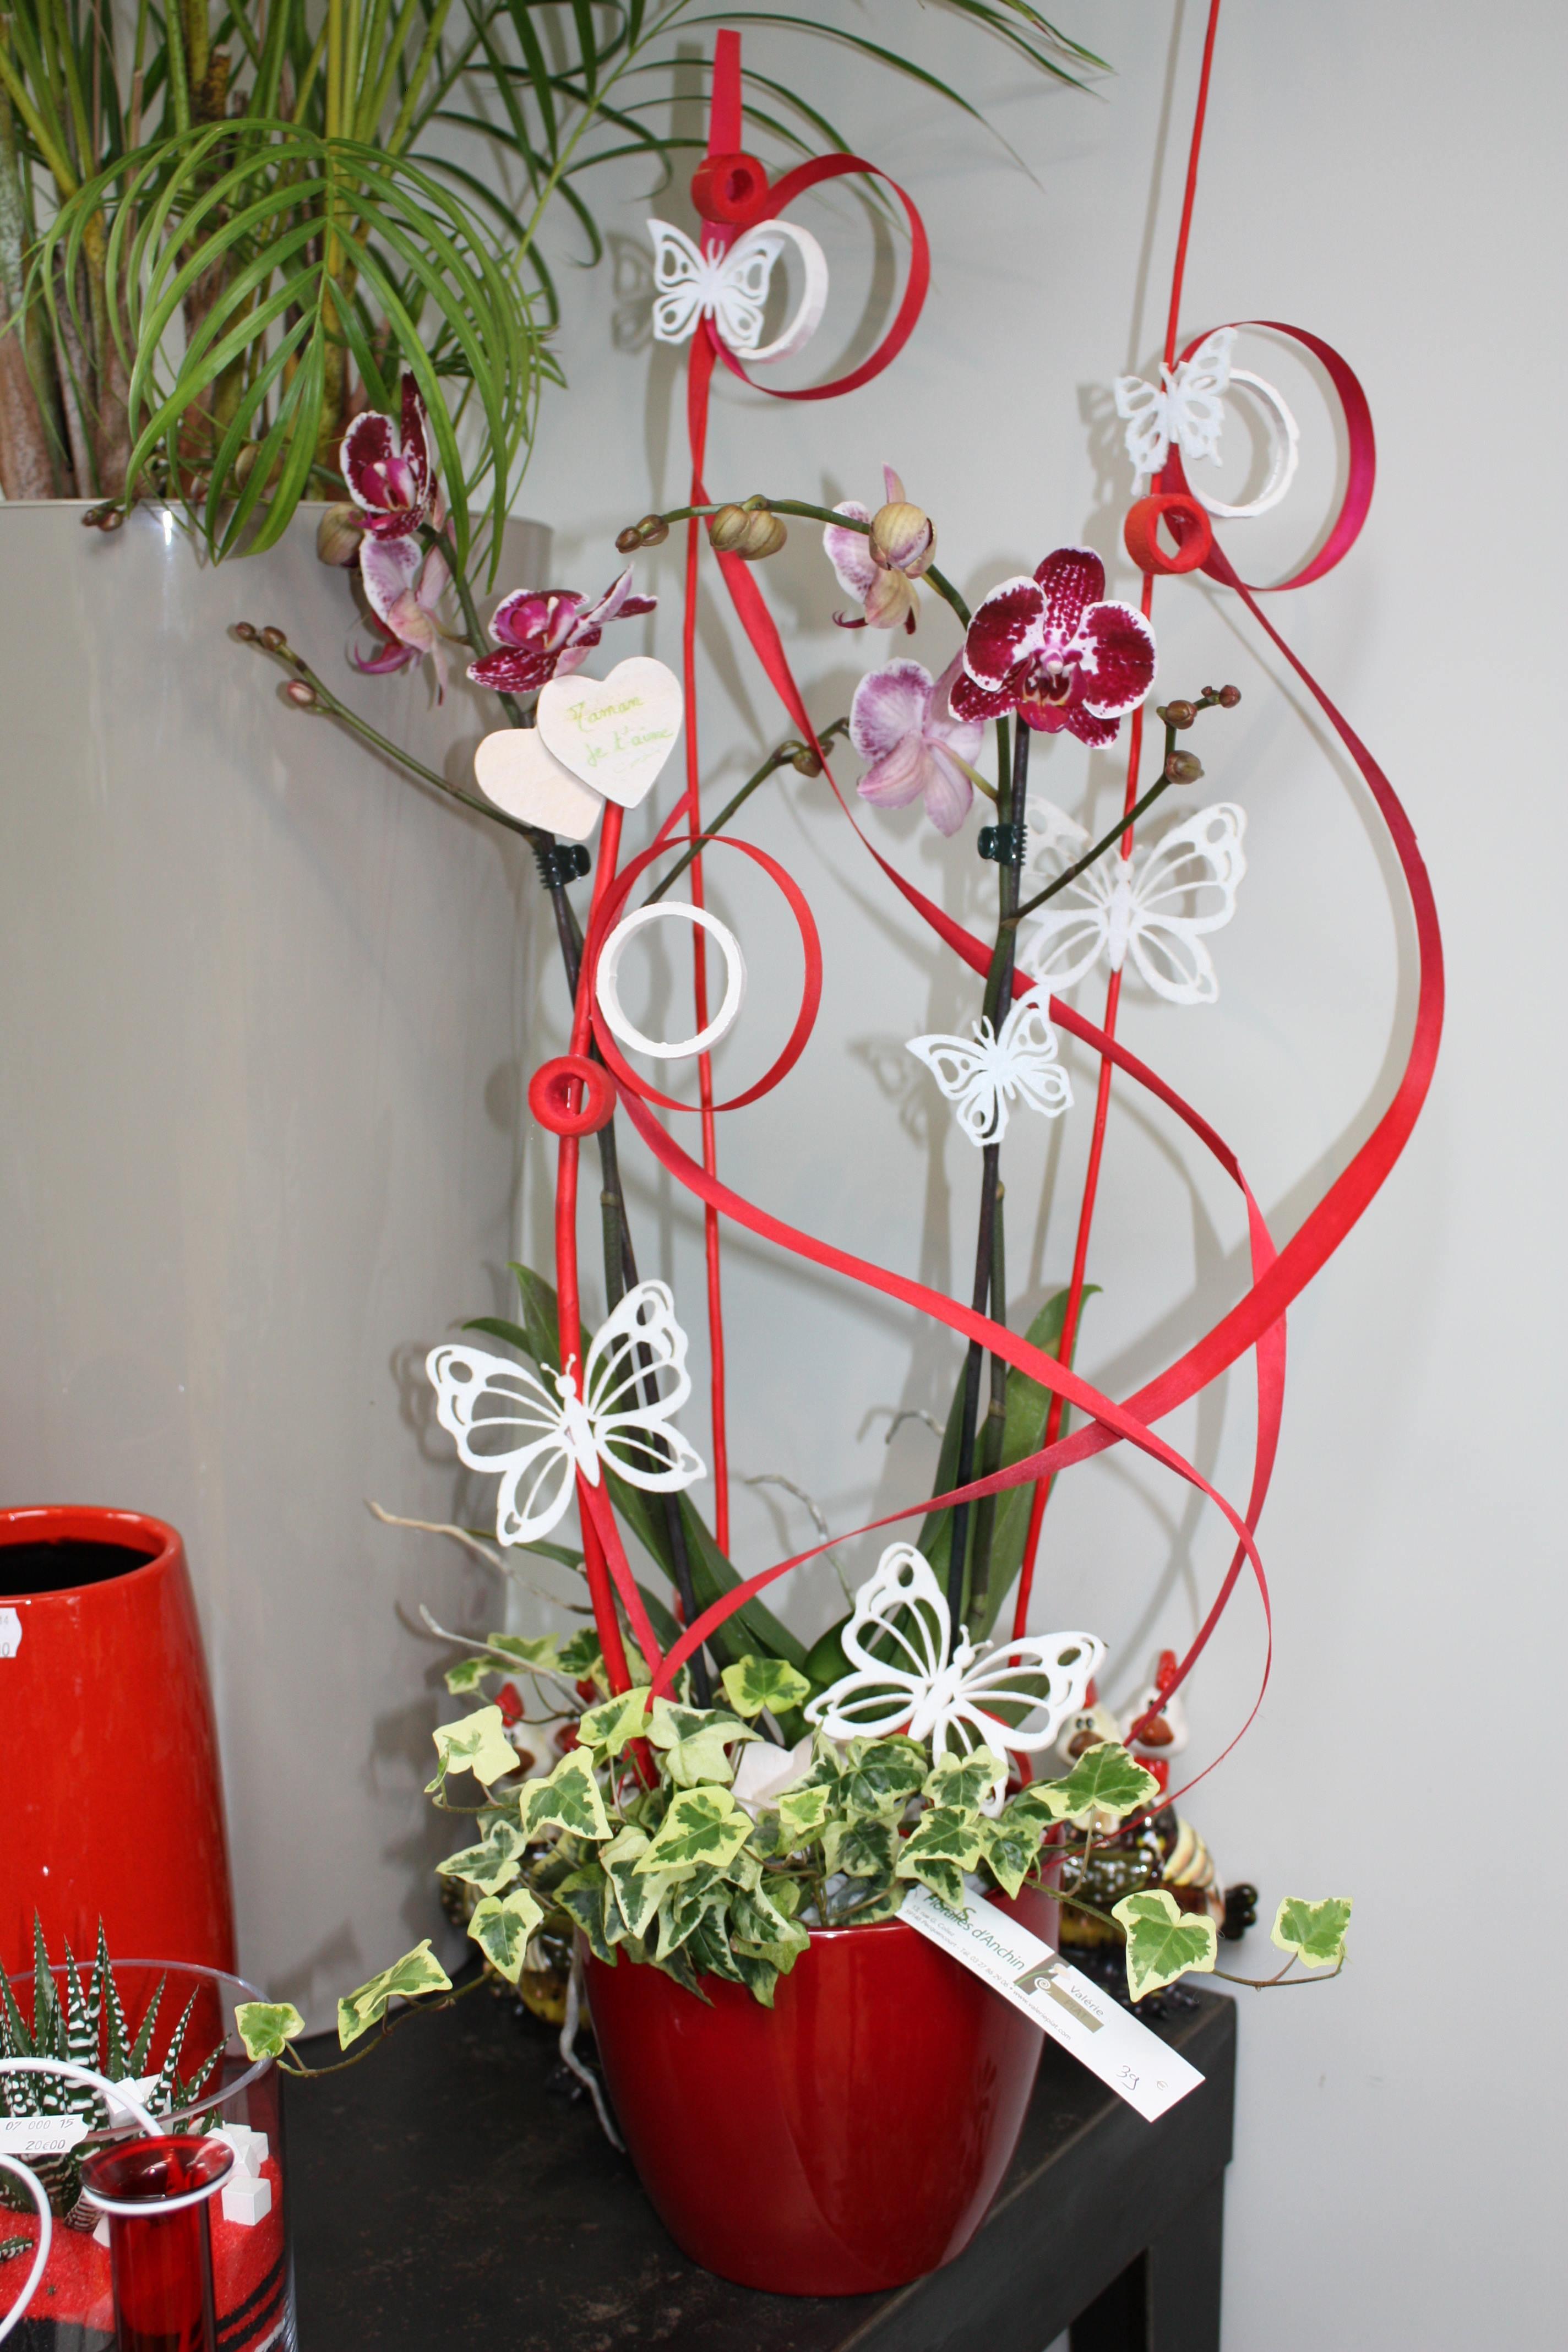 Les floralies d 39 anchin plantes d int rieur - Les plantes d interieur ...